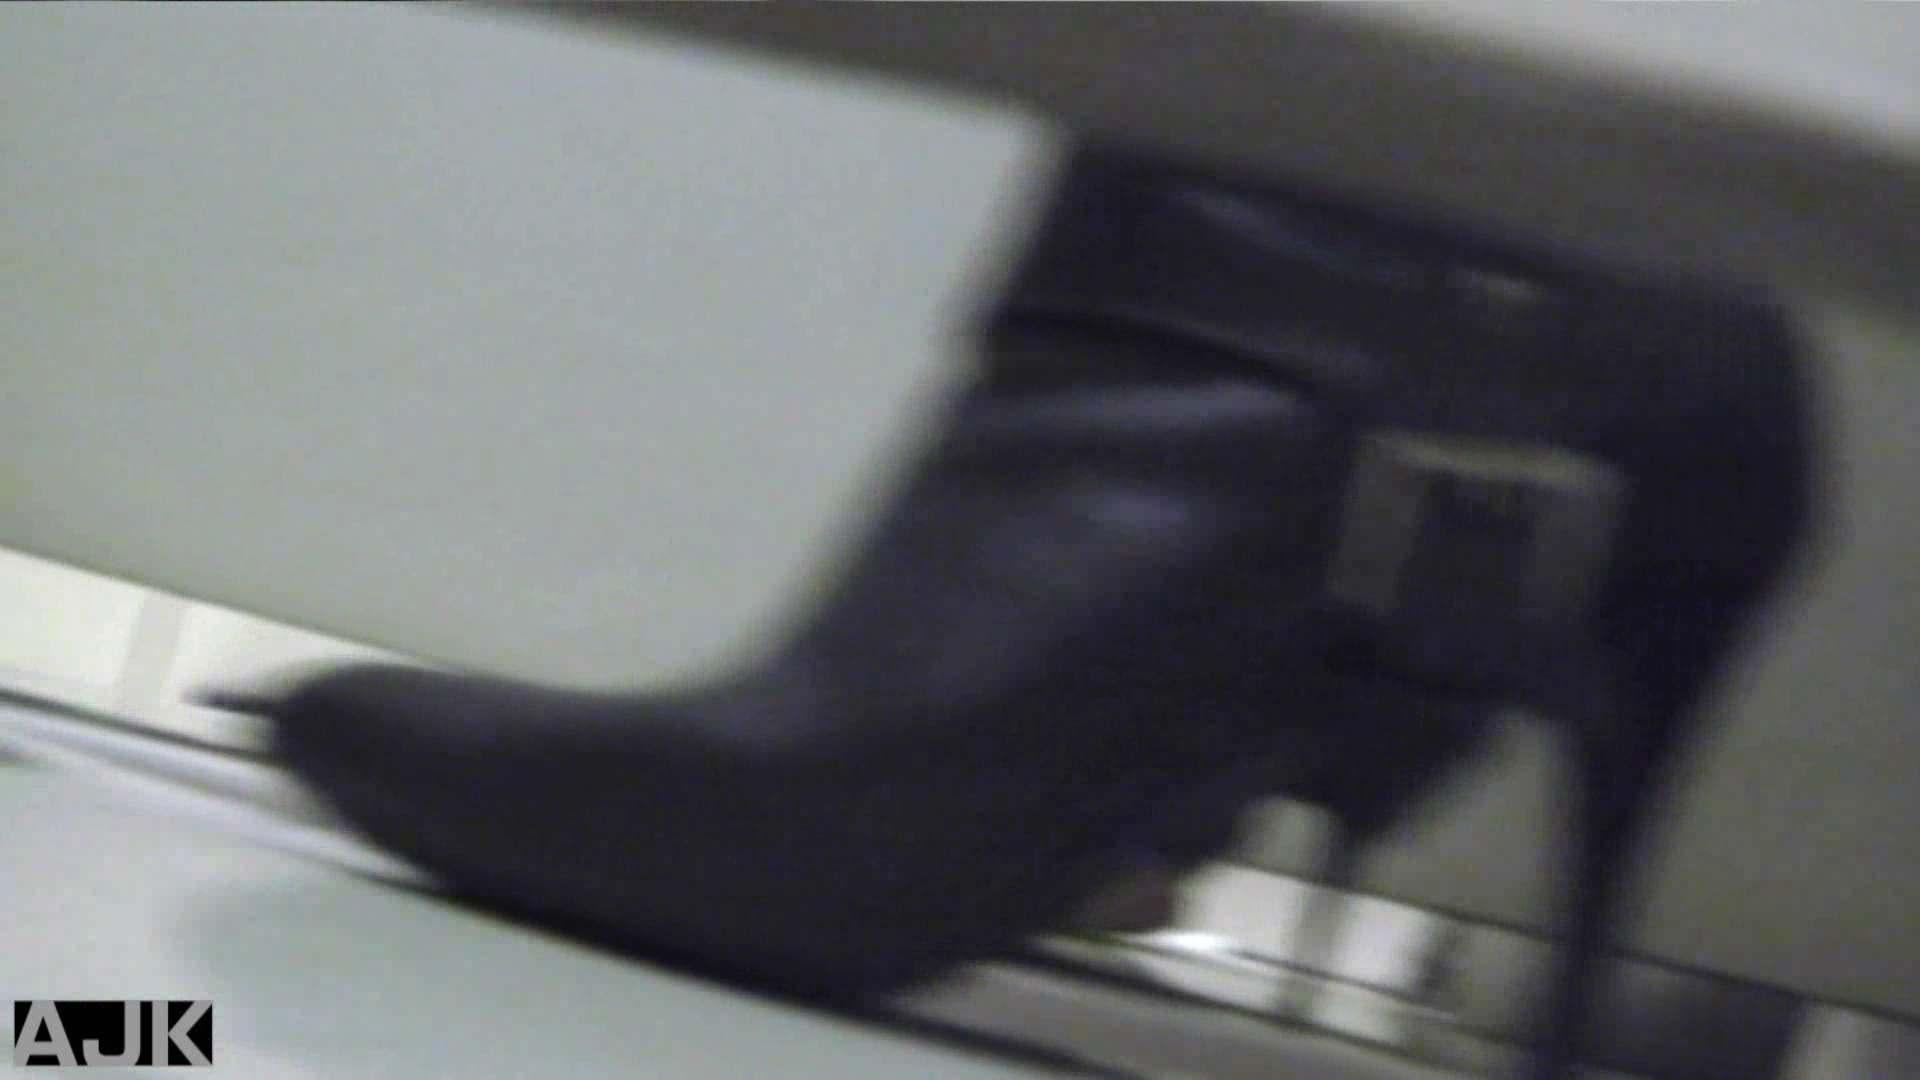 隣国上階級エリアの令嬢たちが集うデパートお手洗い Vol.01 丸見え  70画像 22